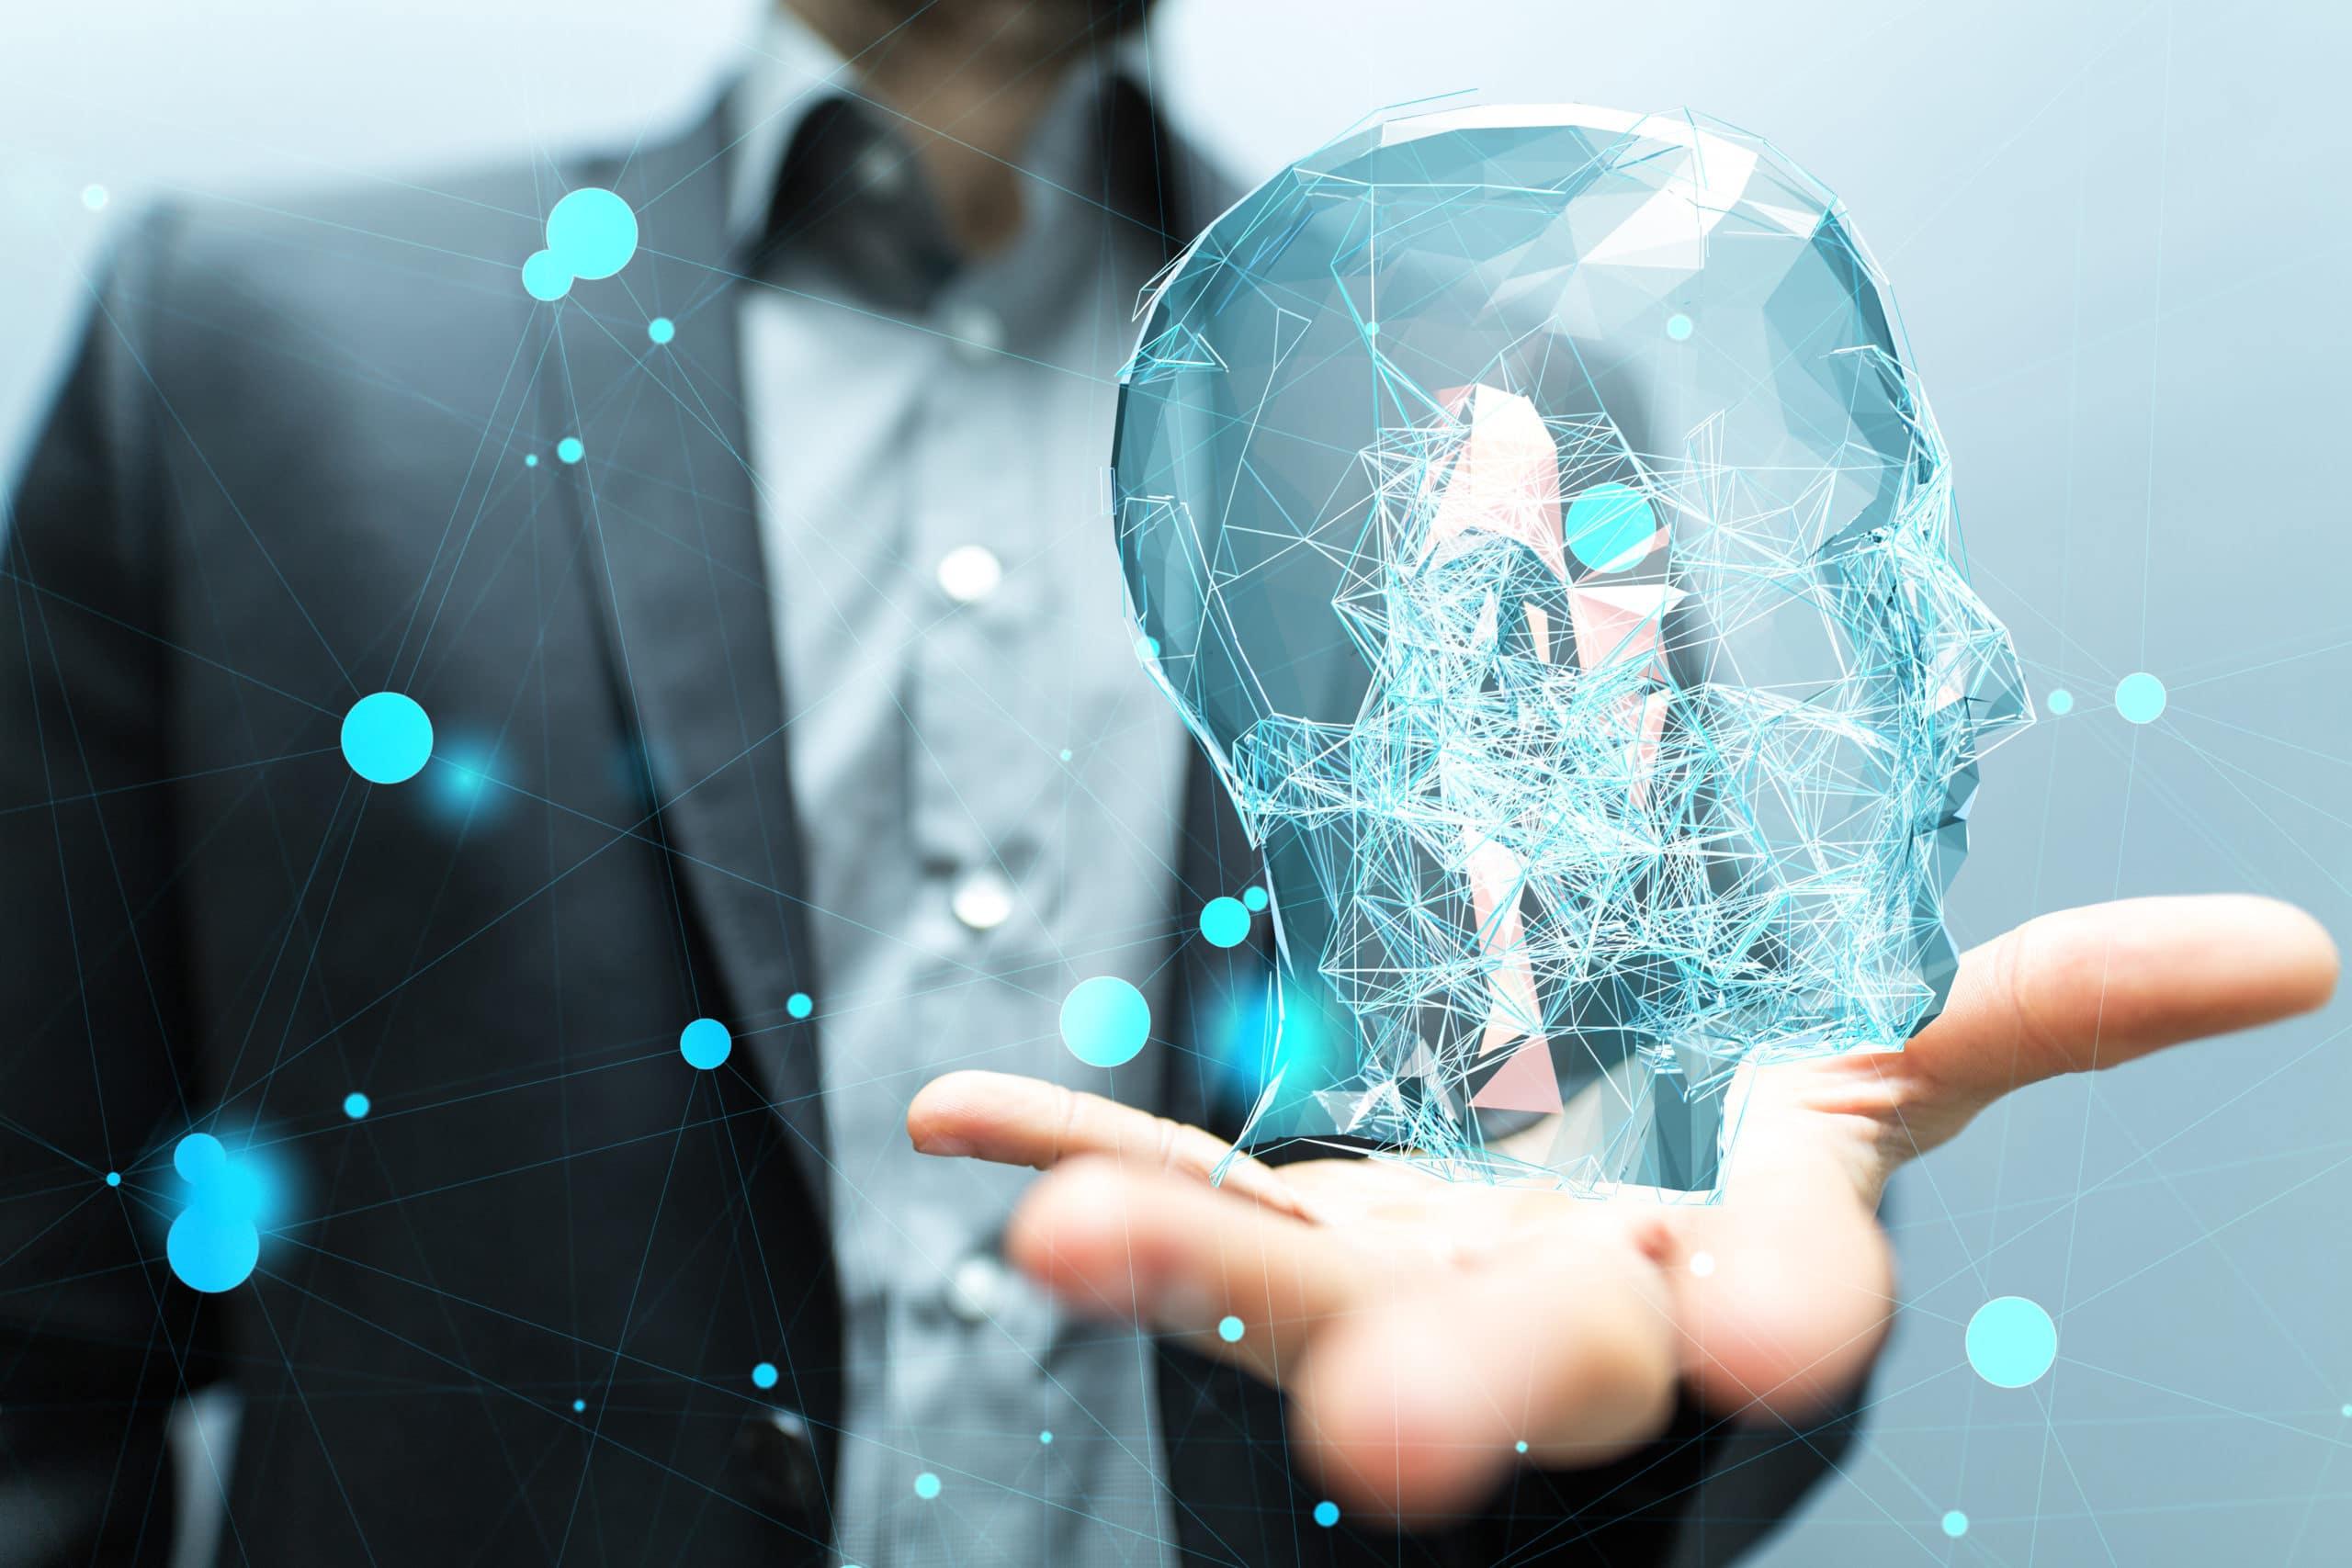 Der Wandel von der Industrie- zur Wissensgesellschaft